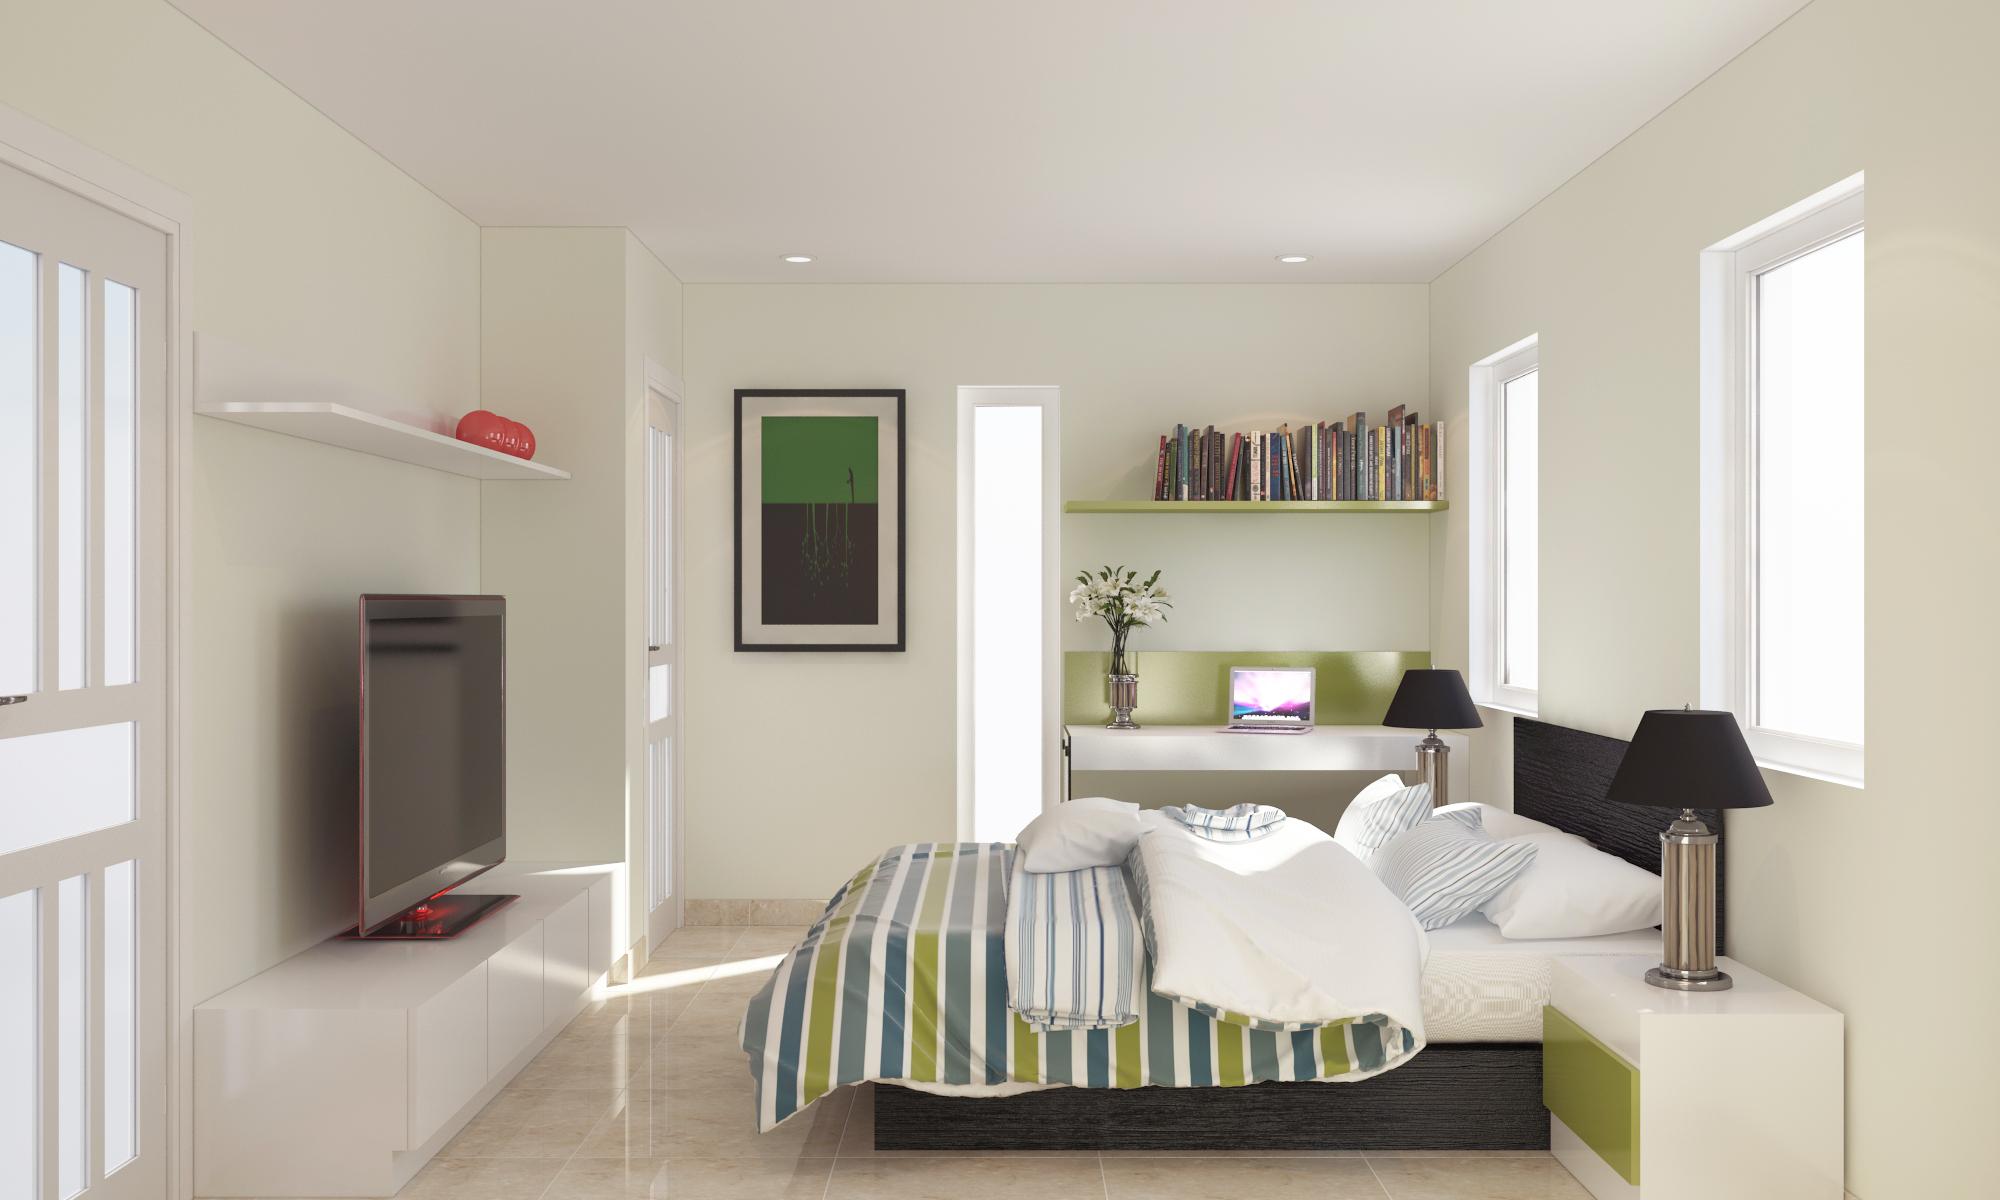 Bedroom Mezzanine rear